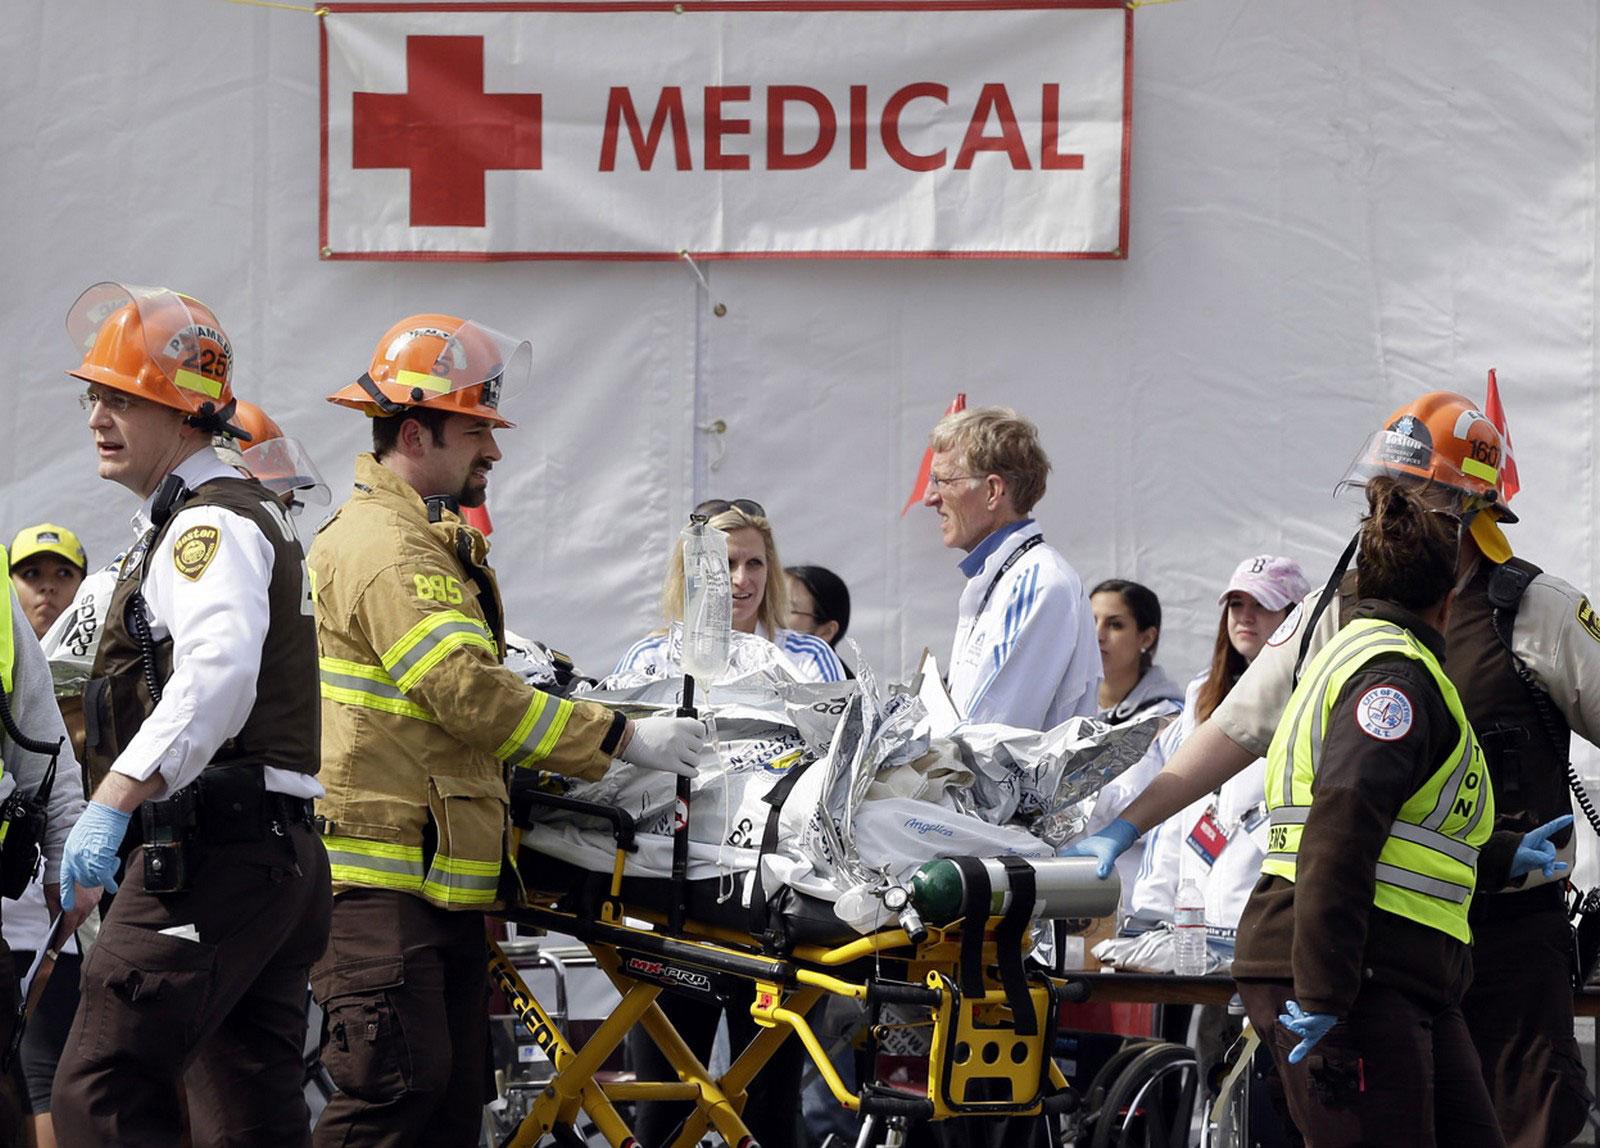 палатка для оказания скорой помощи